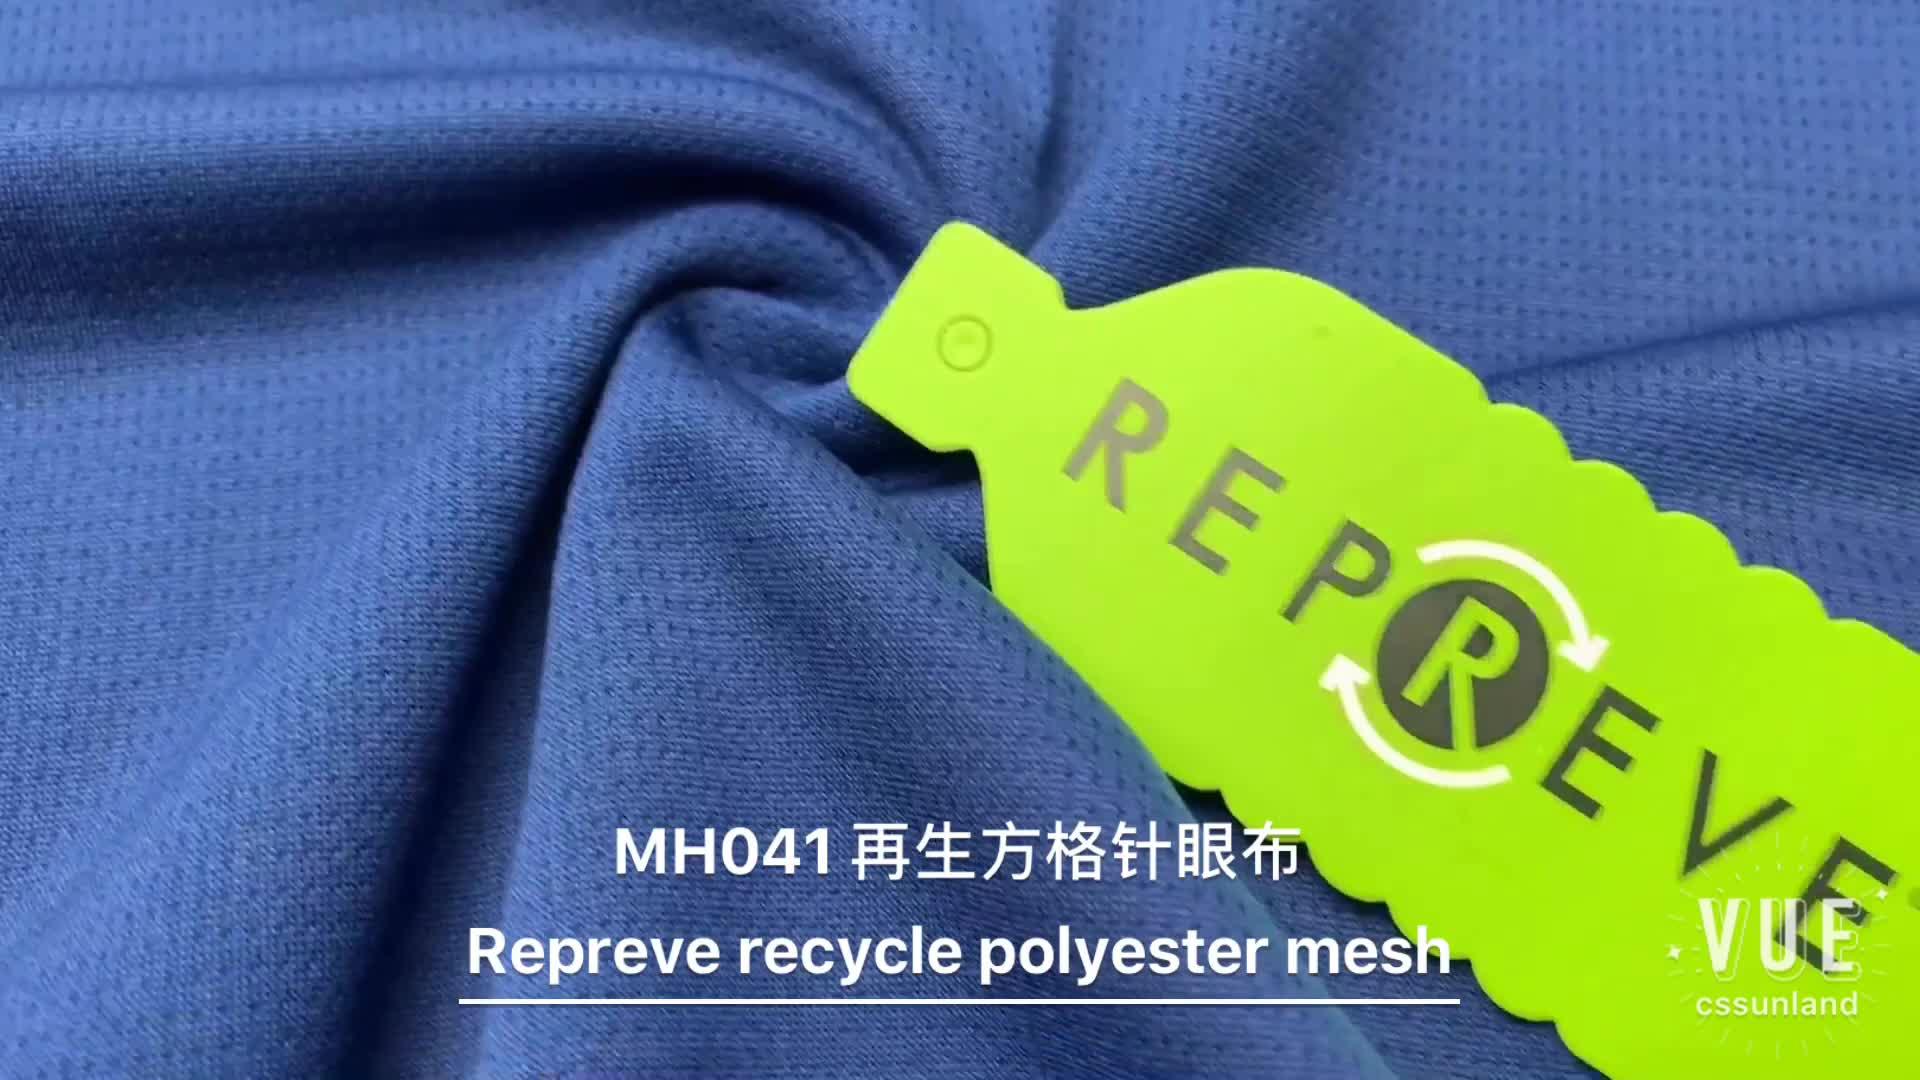 Впитывающая отделка однотонная окрашенная Unifi Repreve Экологичная футболка ткань 100% переработанная полиэстер уточная пряжа трикотажная сетчатая ткань